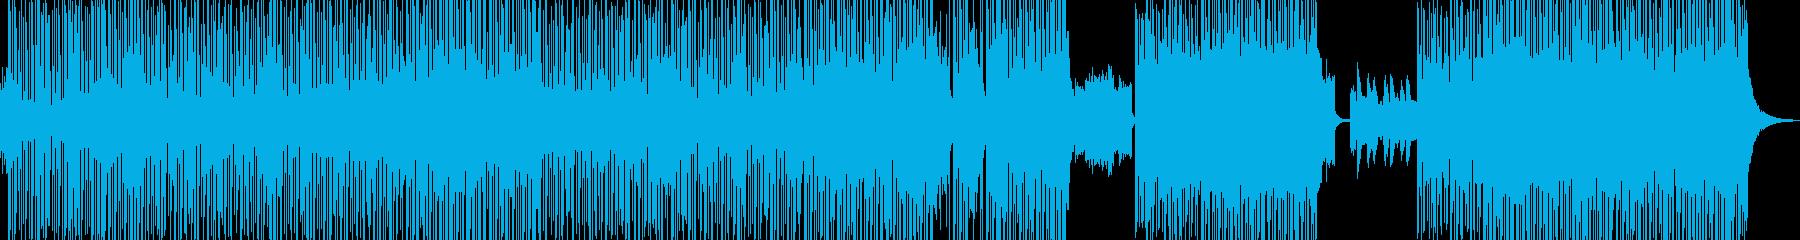 冷めた恋仲をイメージ・目立つピアノ構成の再生済みの波形